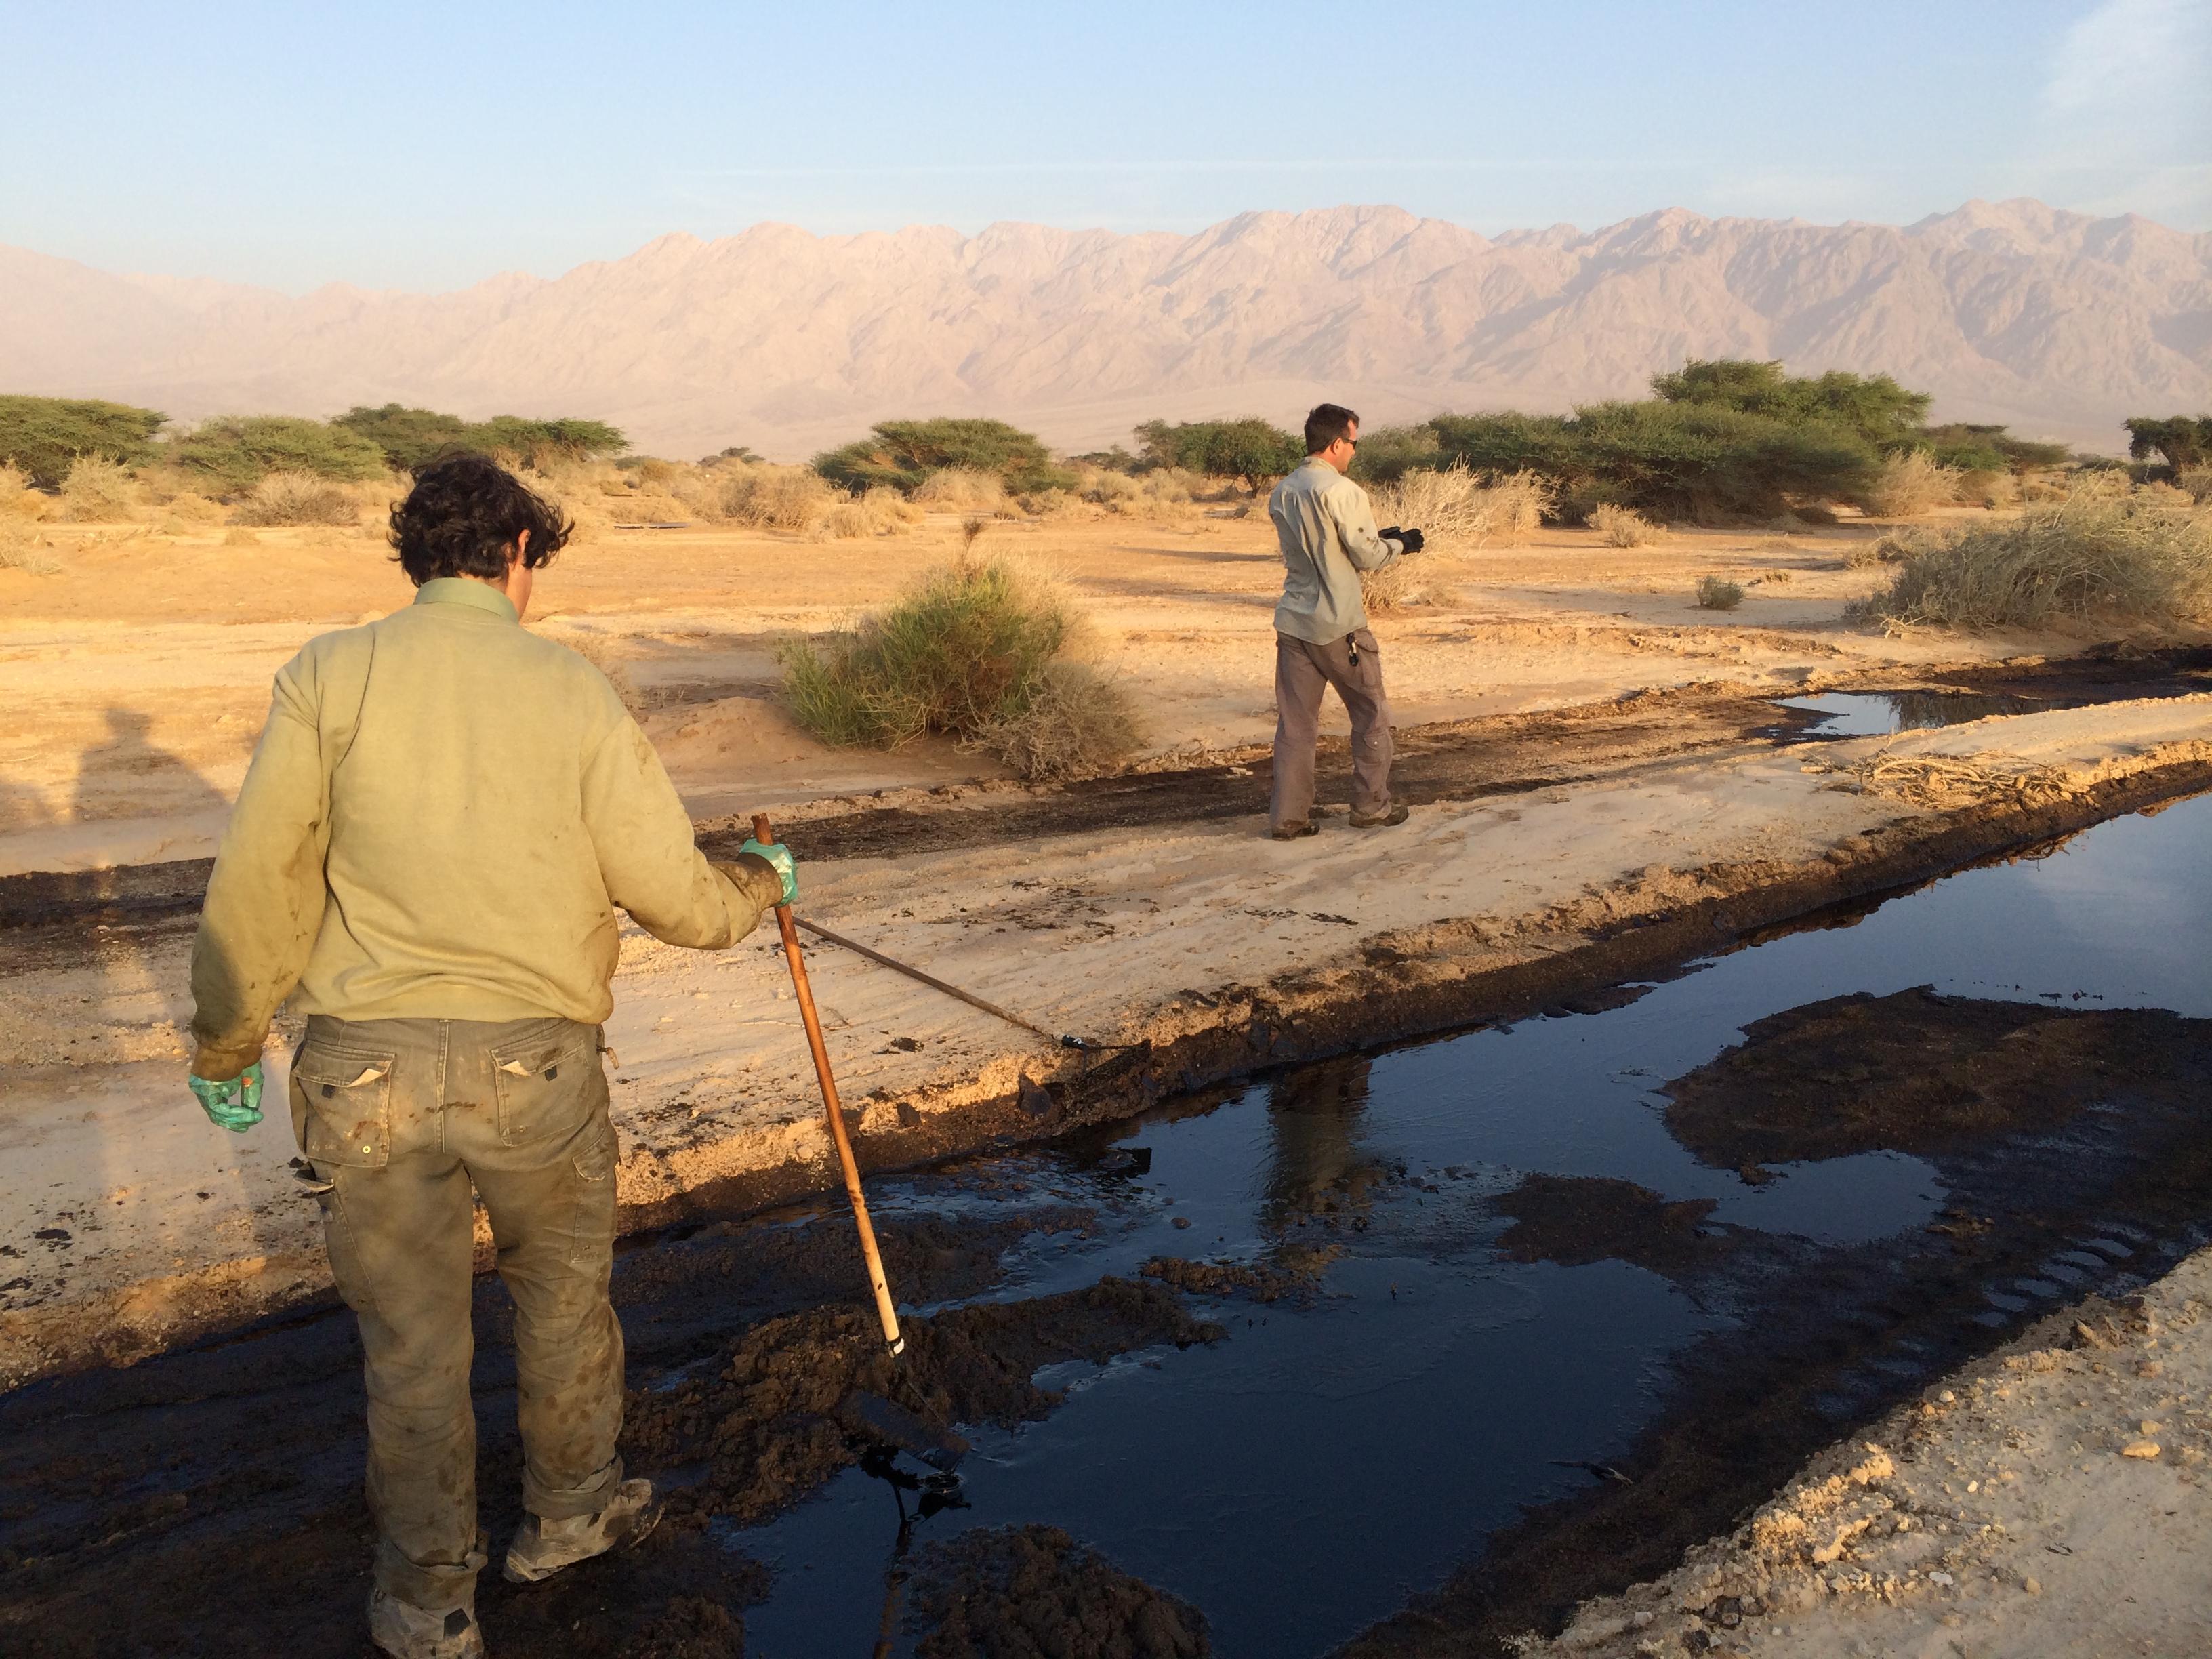 זיהום פיצוץ צינור נפט של קצא''א בעברונה / צילום: רשות הטבע והגנים